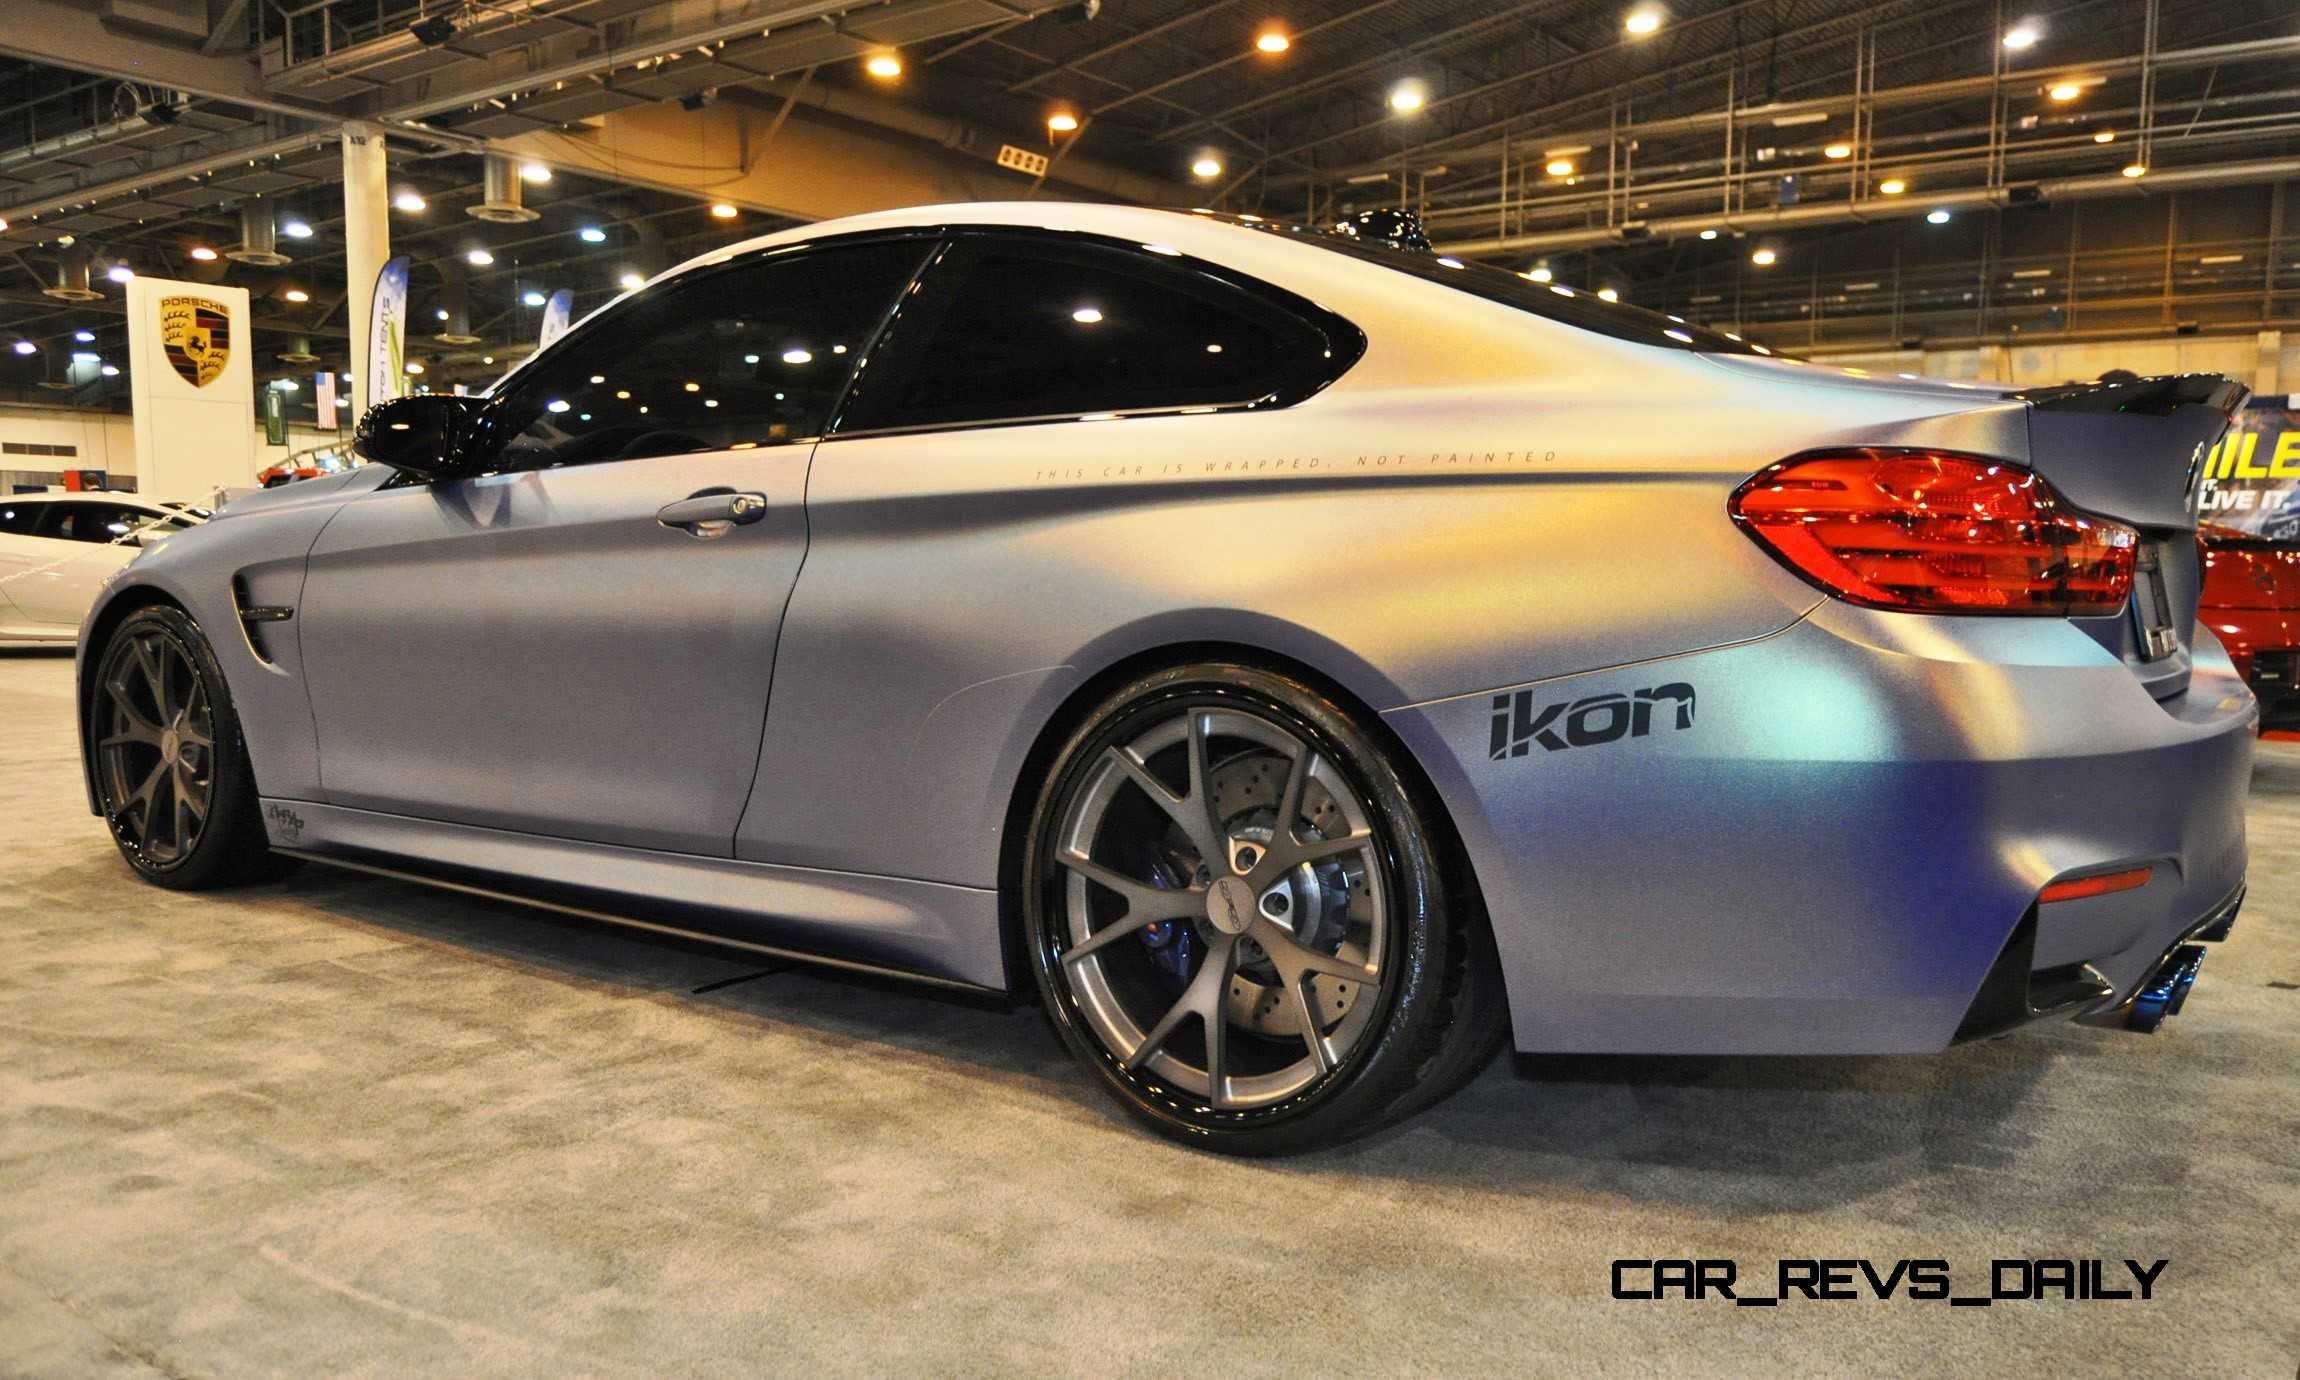 2015 Dodge Ram Paint Colors >> 2015 BMW M4 by IKON Wraps